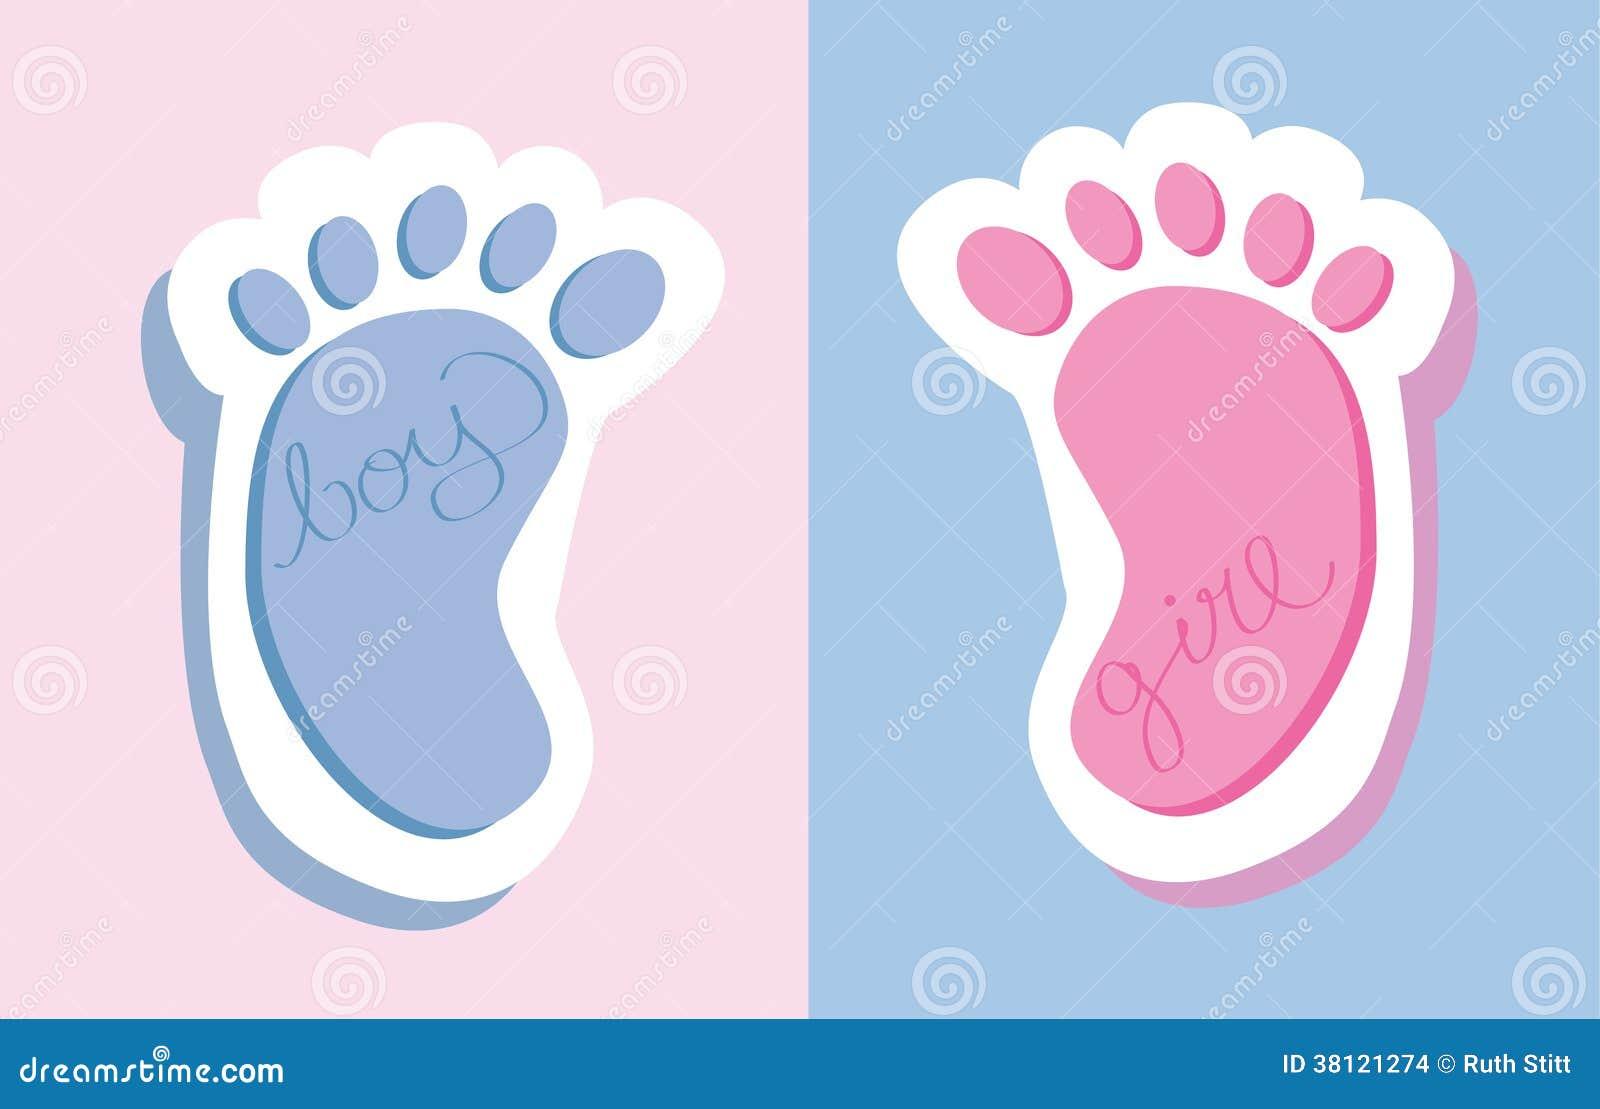 Следы ног с поздравлениями